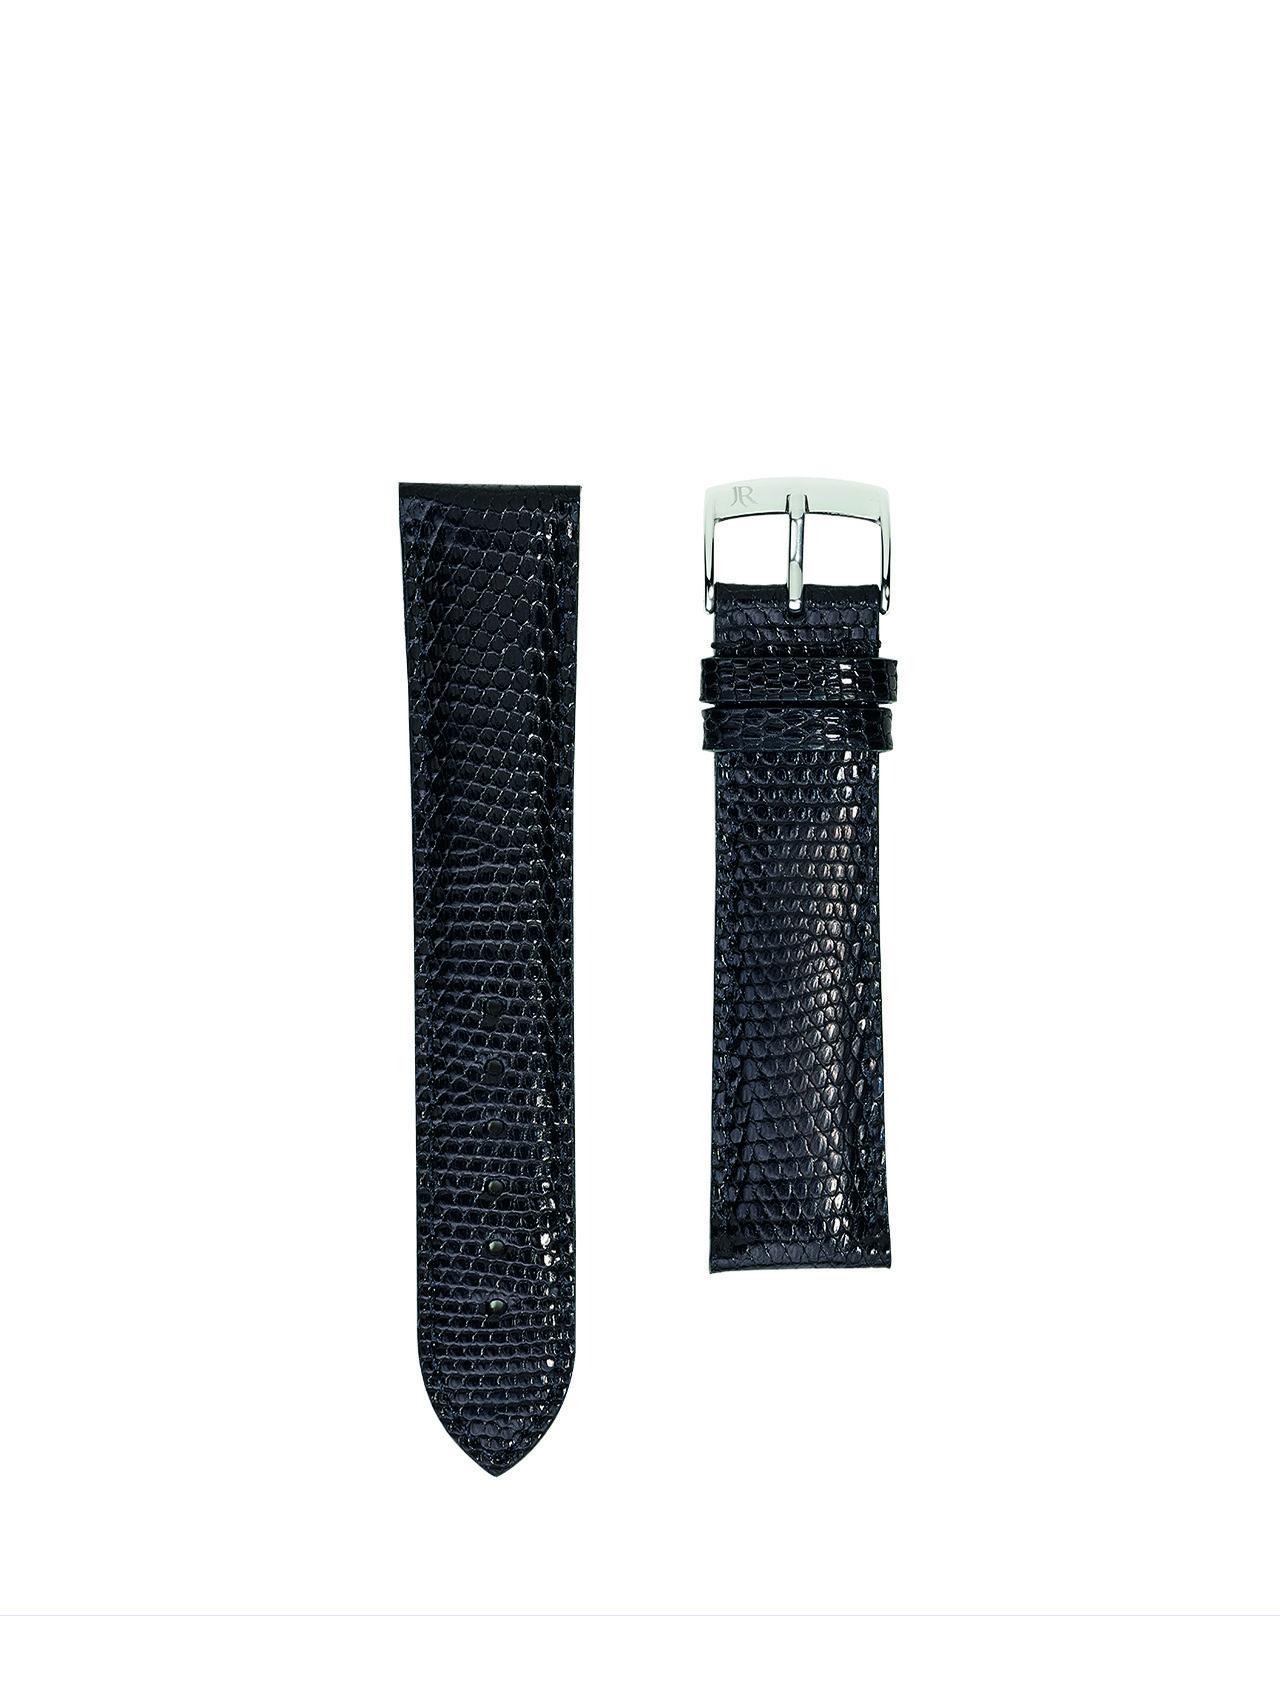 watch straps nyc lizard